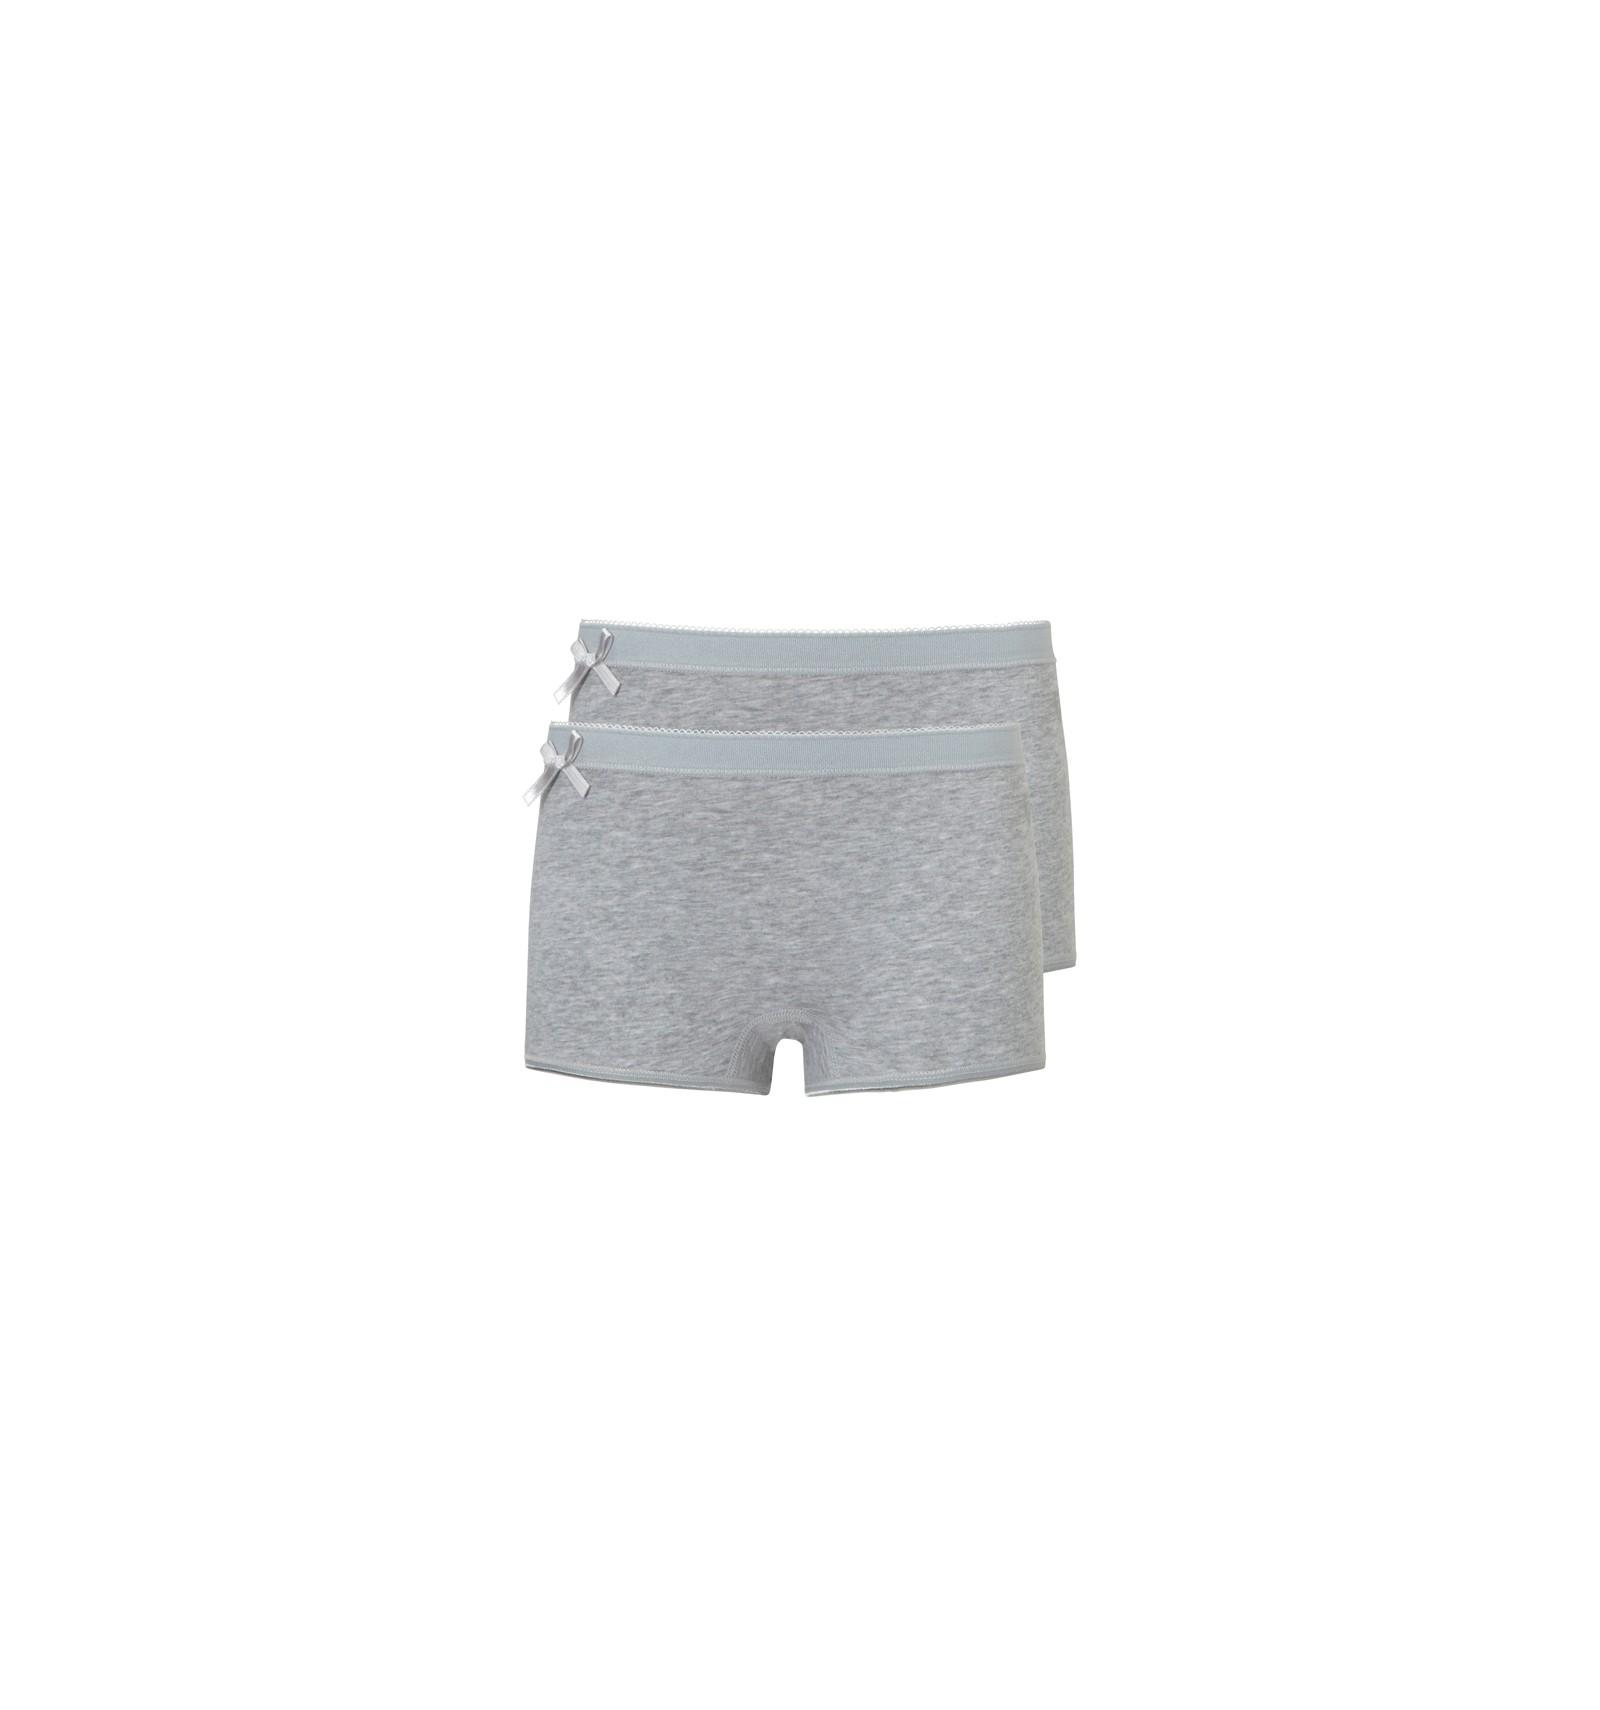 Ten Cate 2 Pack Girls Basic Short Light Grey Melee